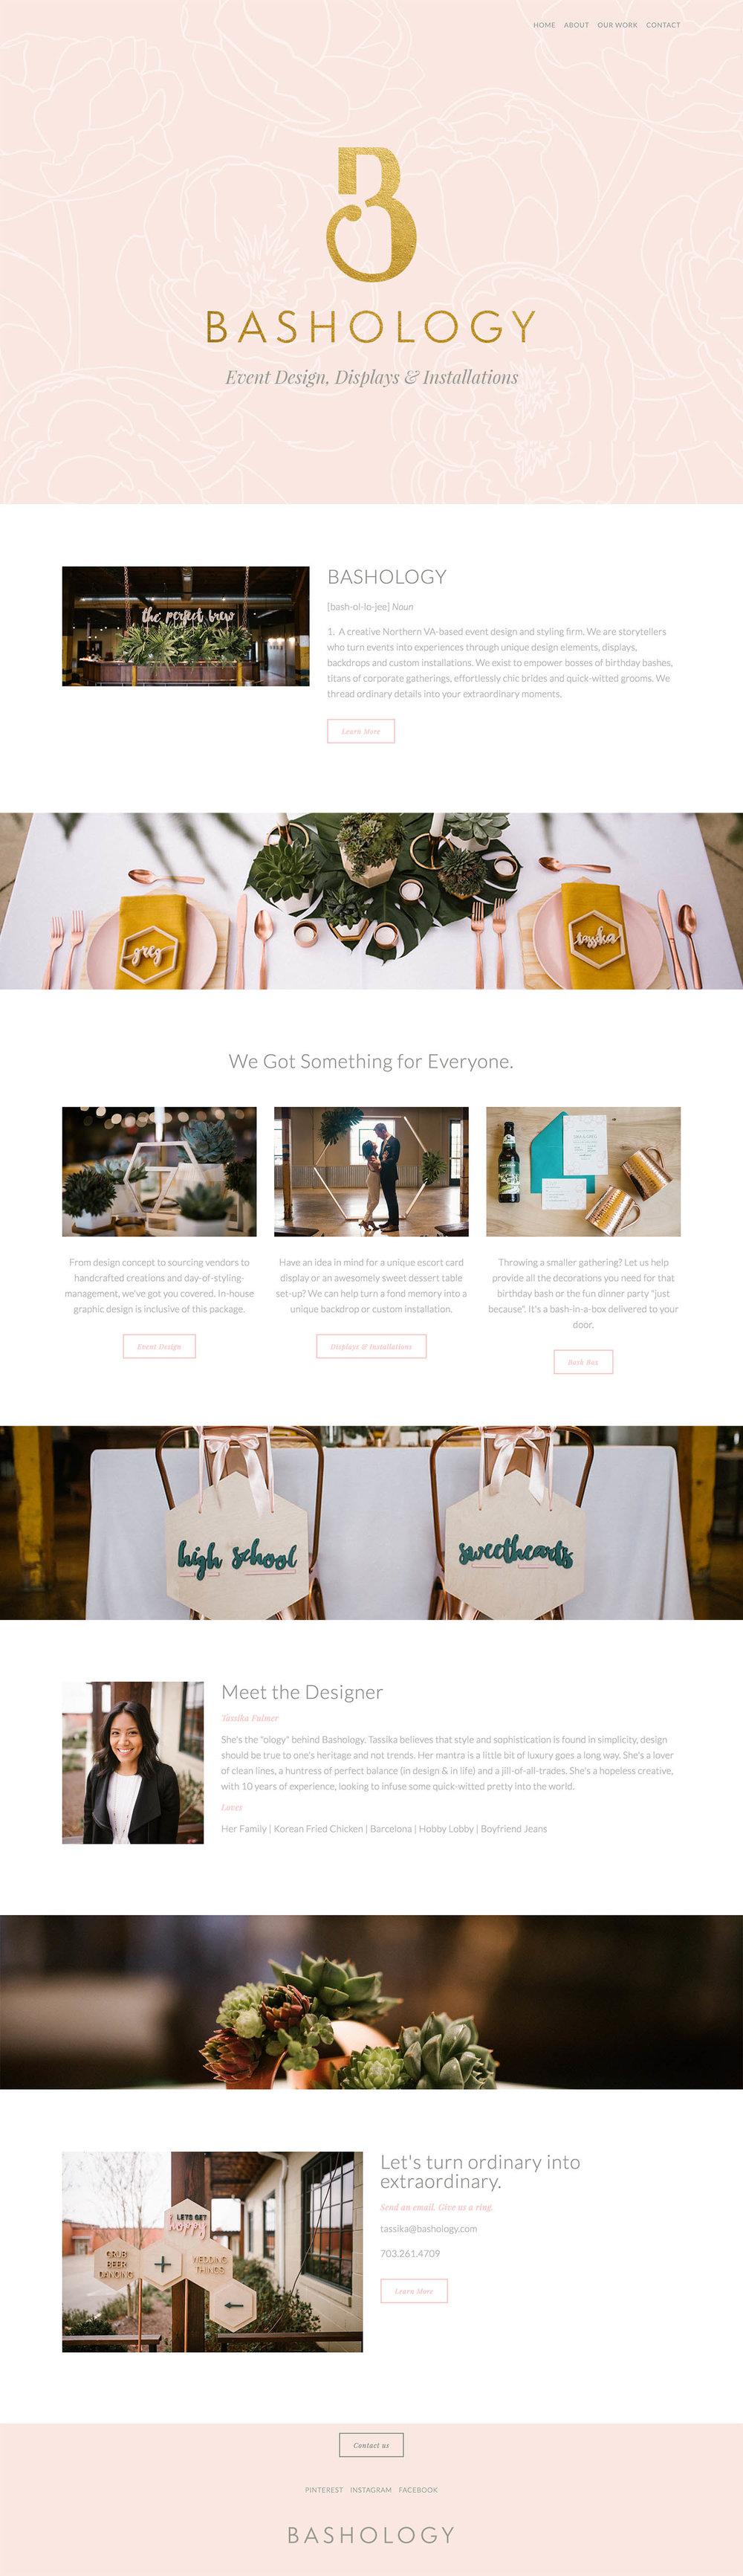 Bashology full website homepage.jpg